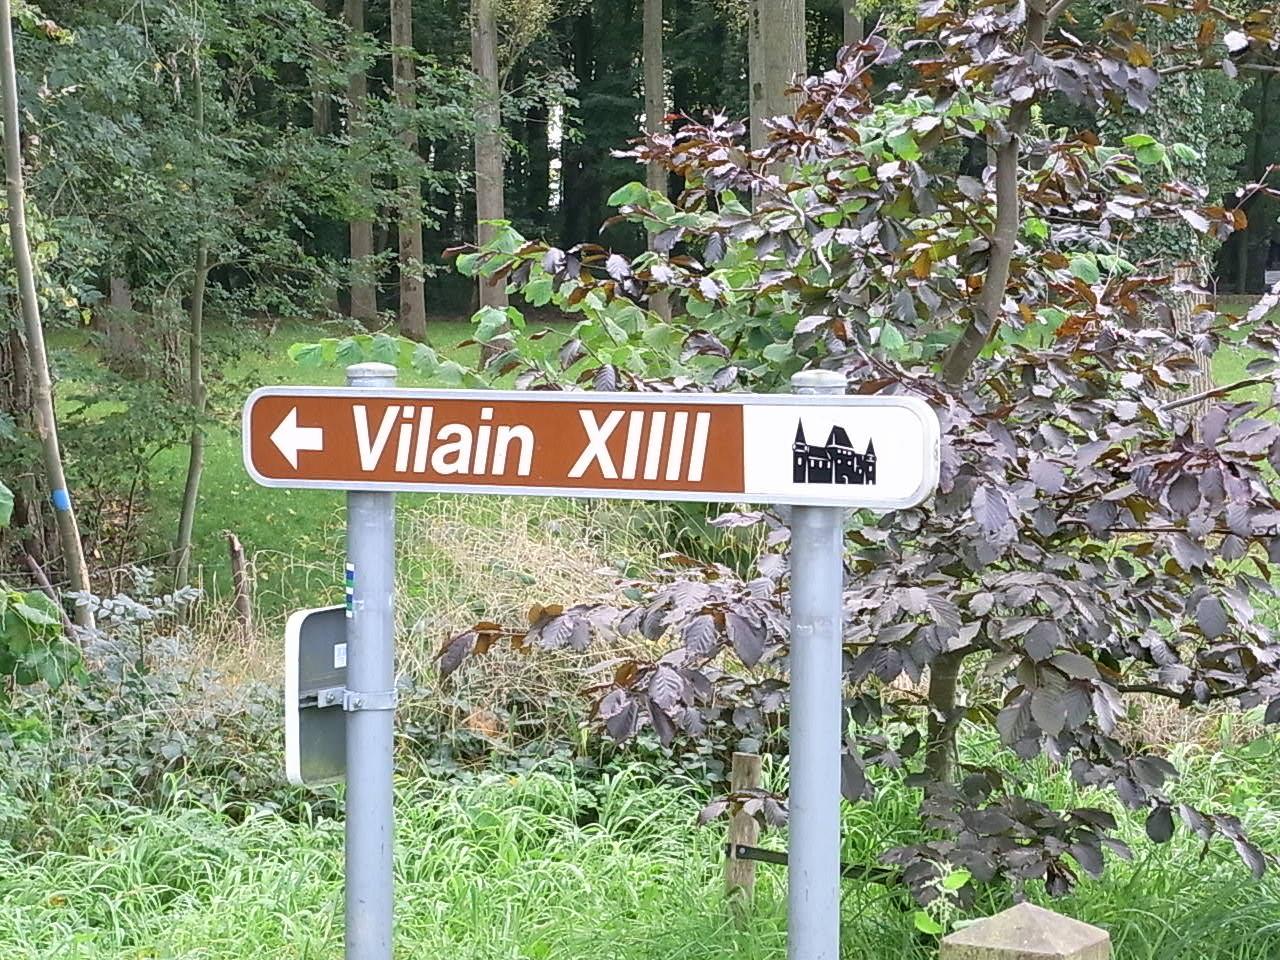 Zum Schloss Vilain XIIII (?)